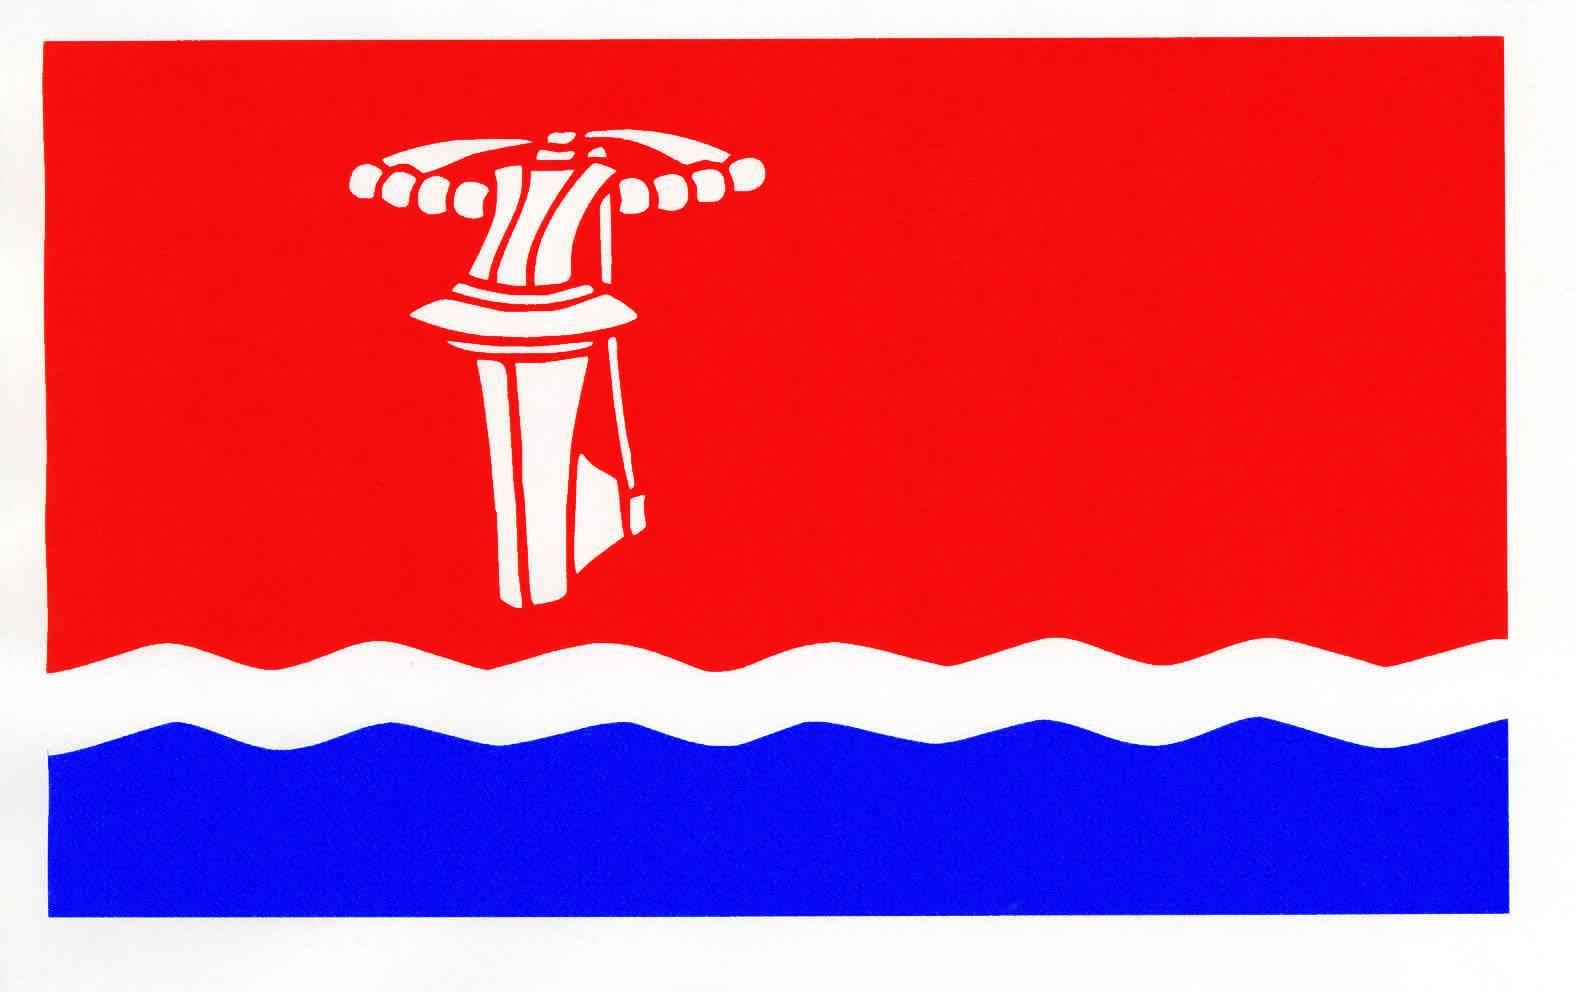 Flagge GemeindeNahe, Kreis Segeberg